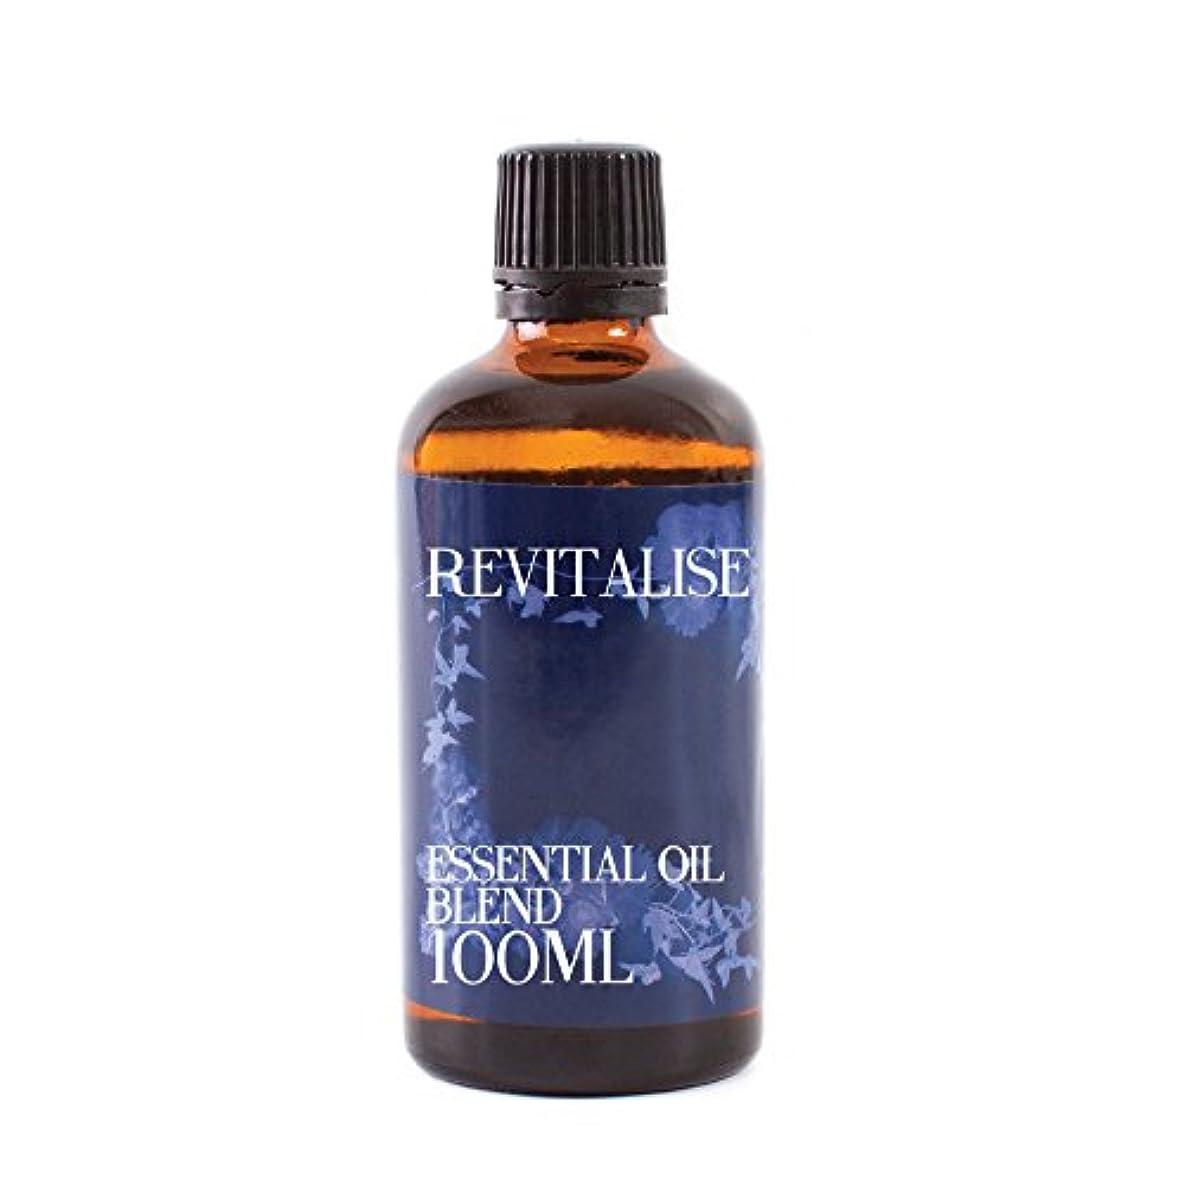 変化する瞑想的無謀Mystix London | Revitalise Essential Oil Blend - 100ml - 100% Pure